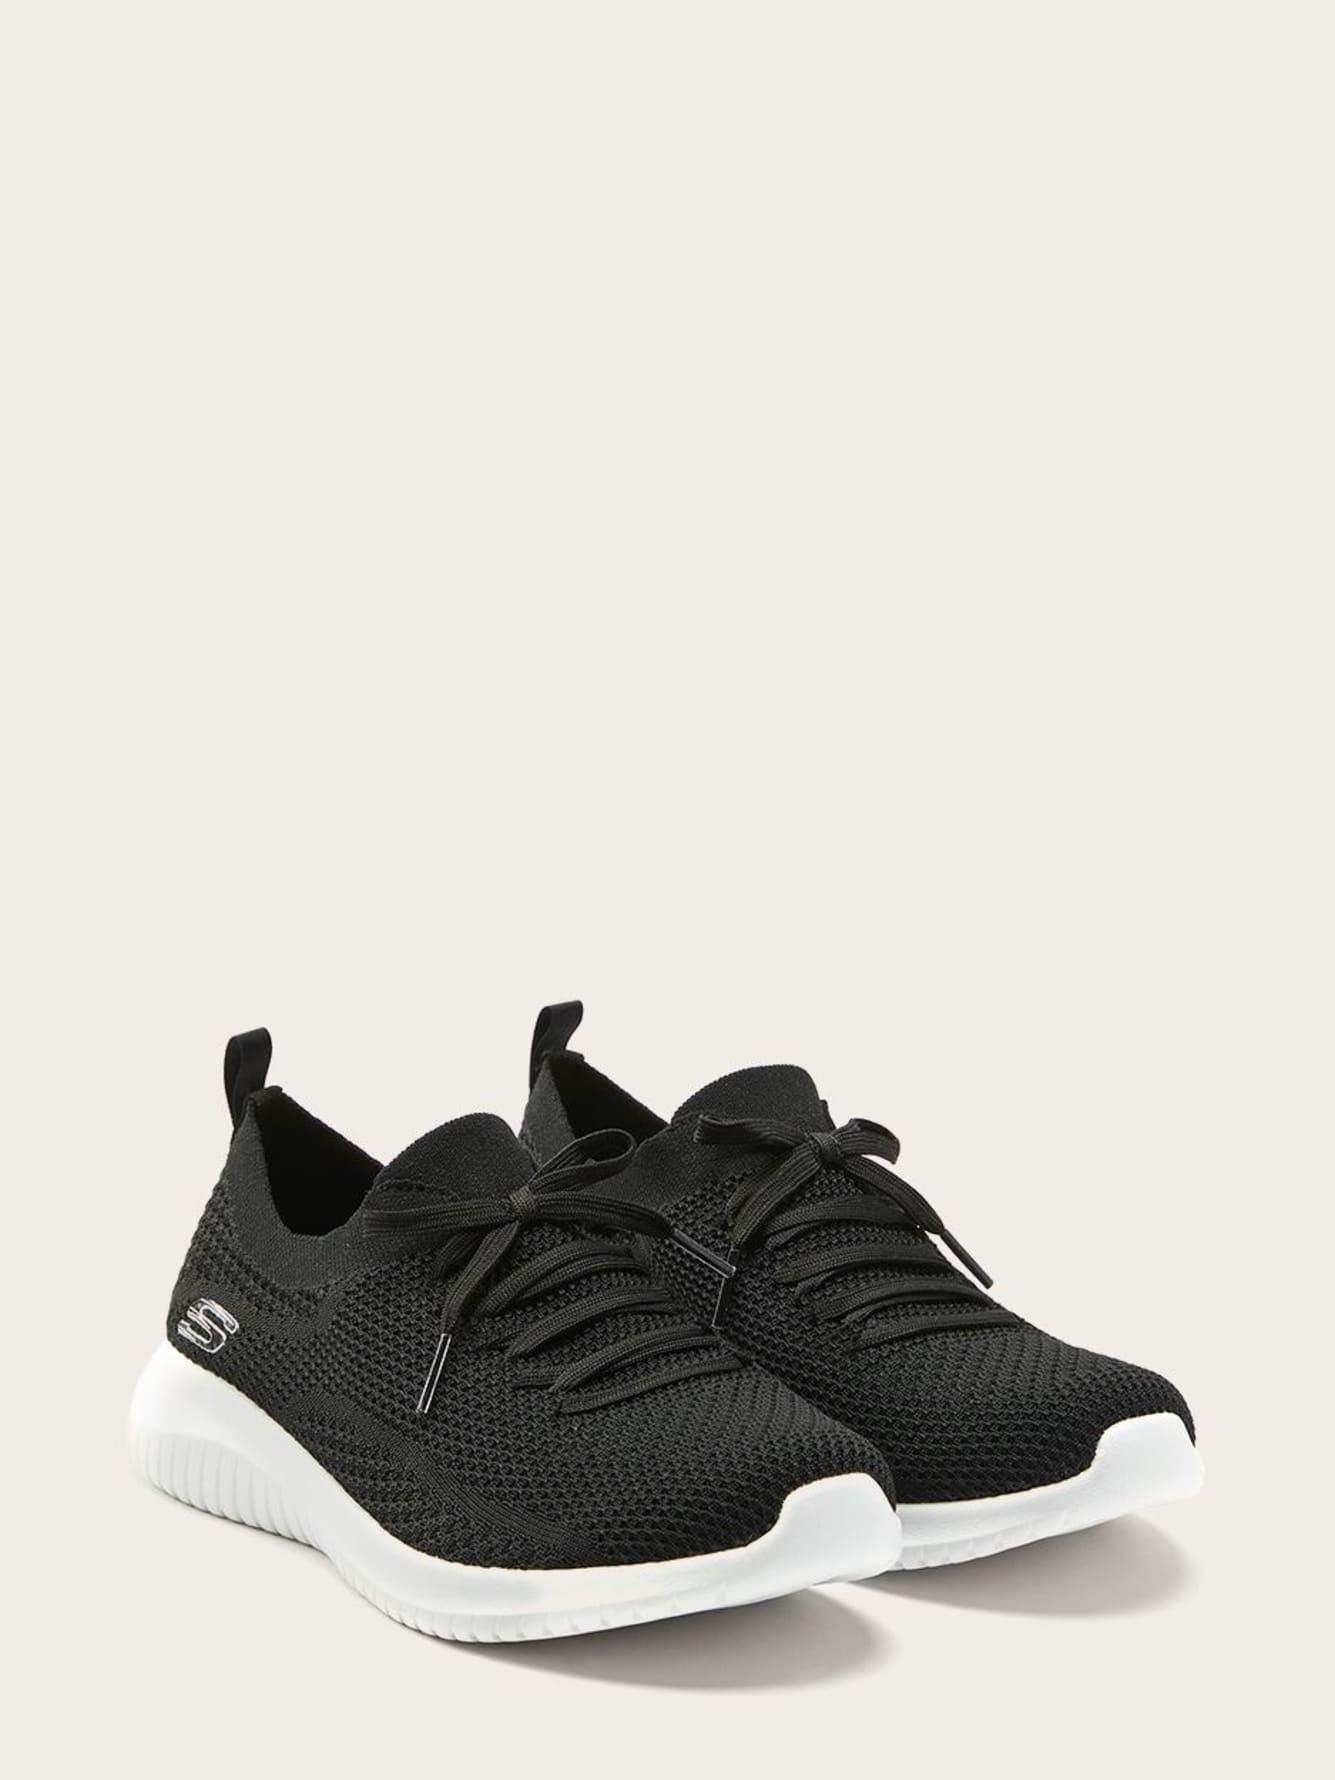 1fa890eba9e63 Skechers Ultra Flex, Statements - Wide Width Knit Sneakers | Penningtons